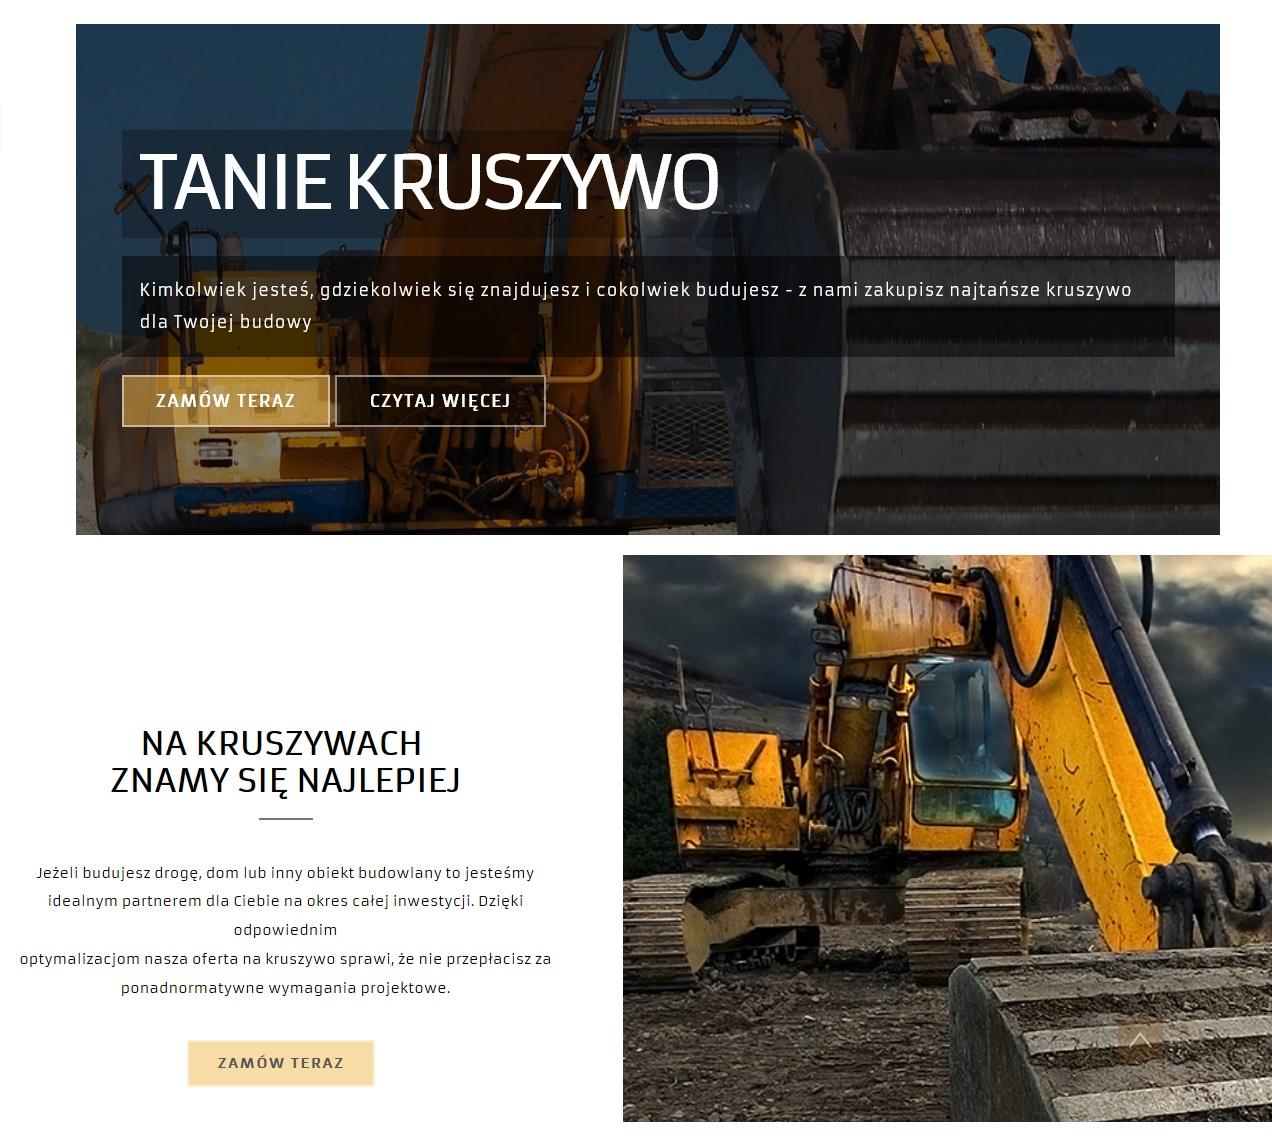 www.taniekruszywo.pl na sprzedaż!!!